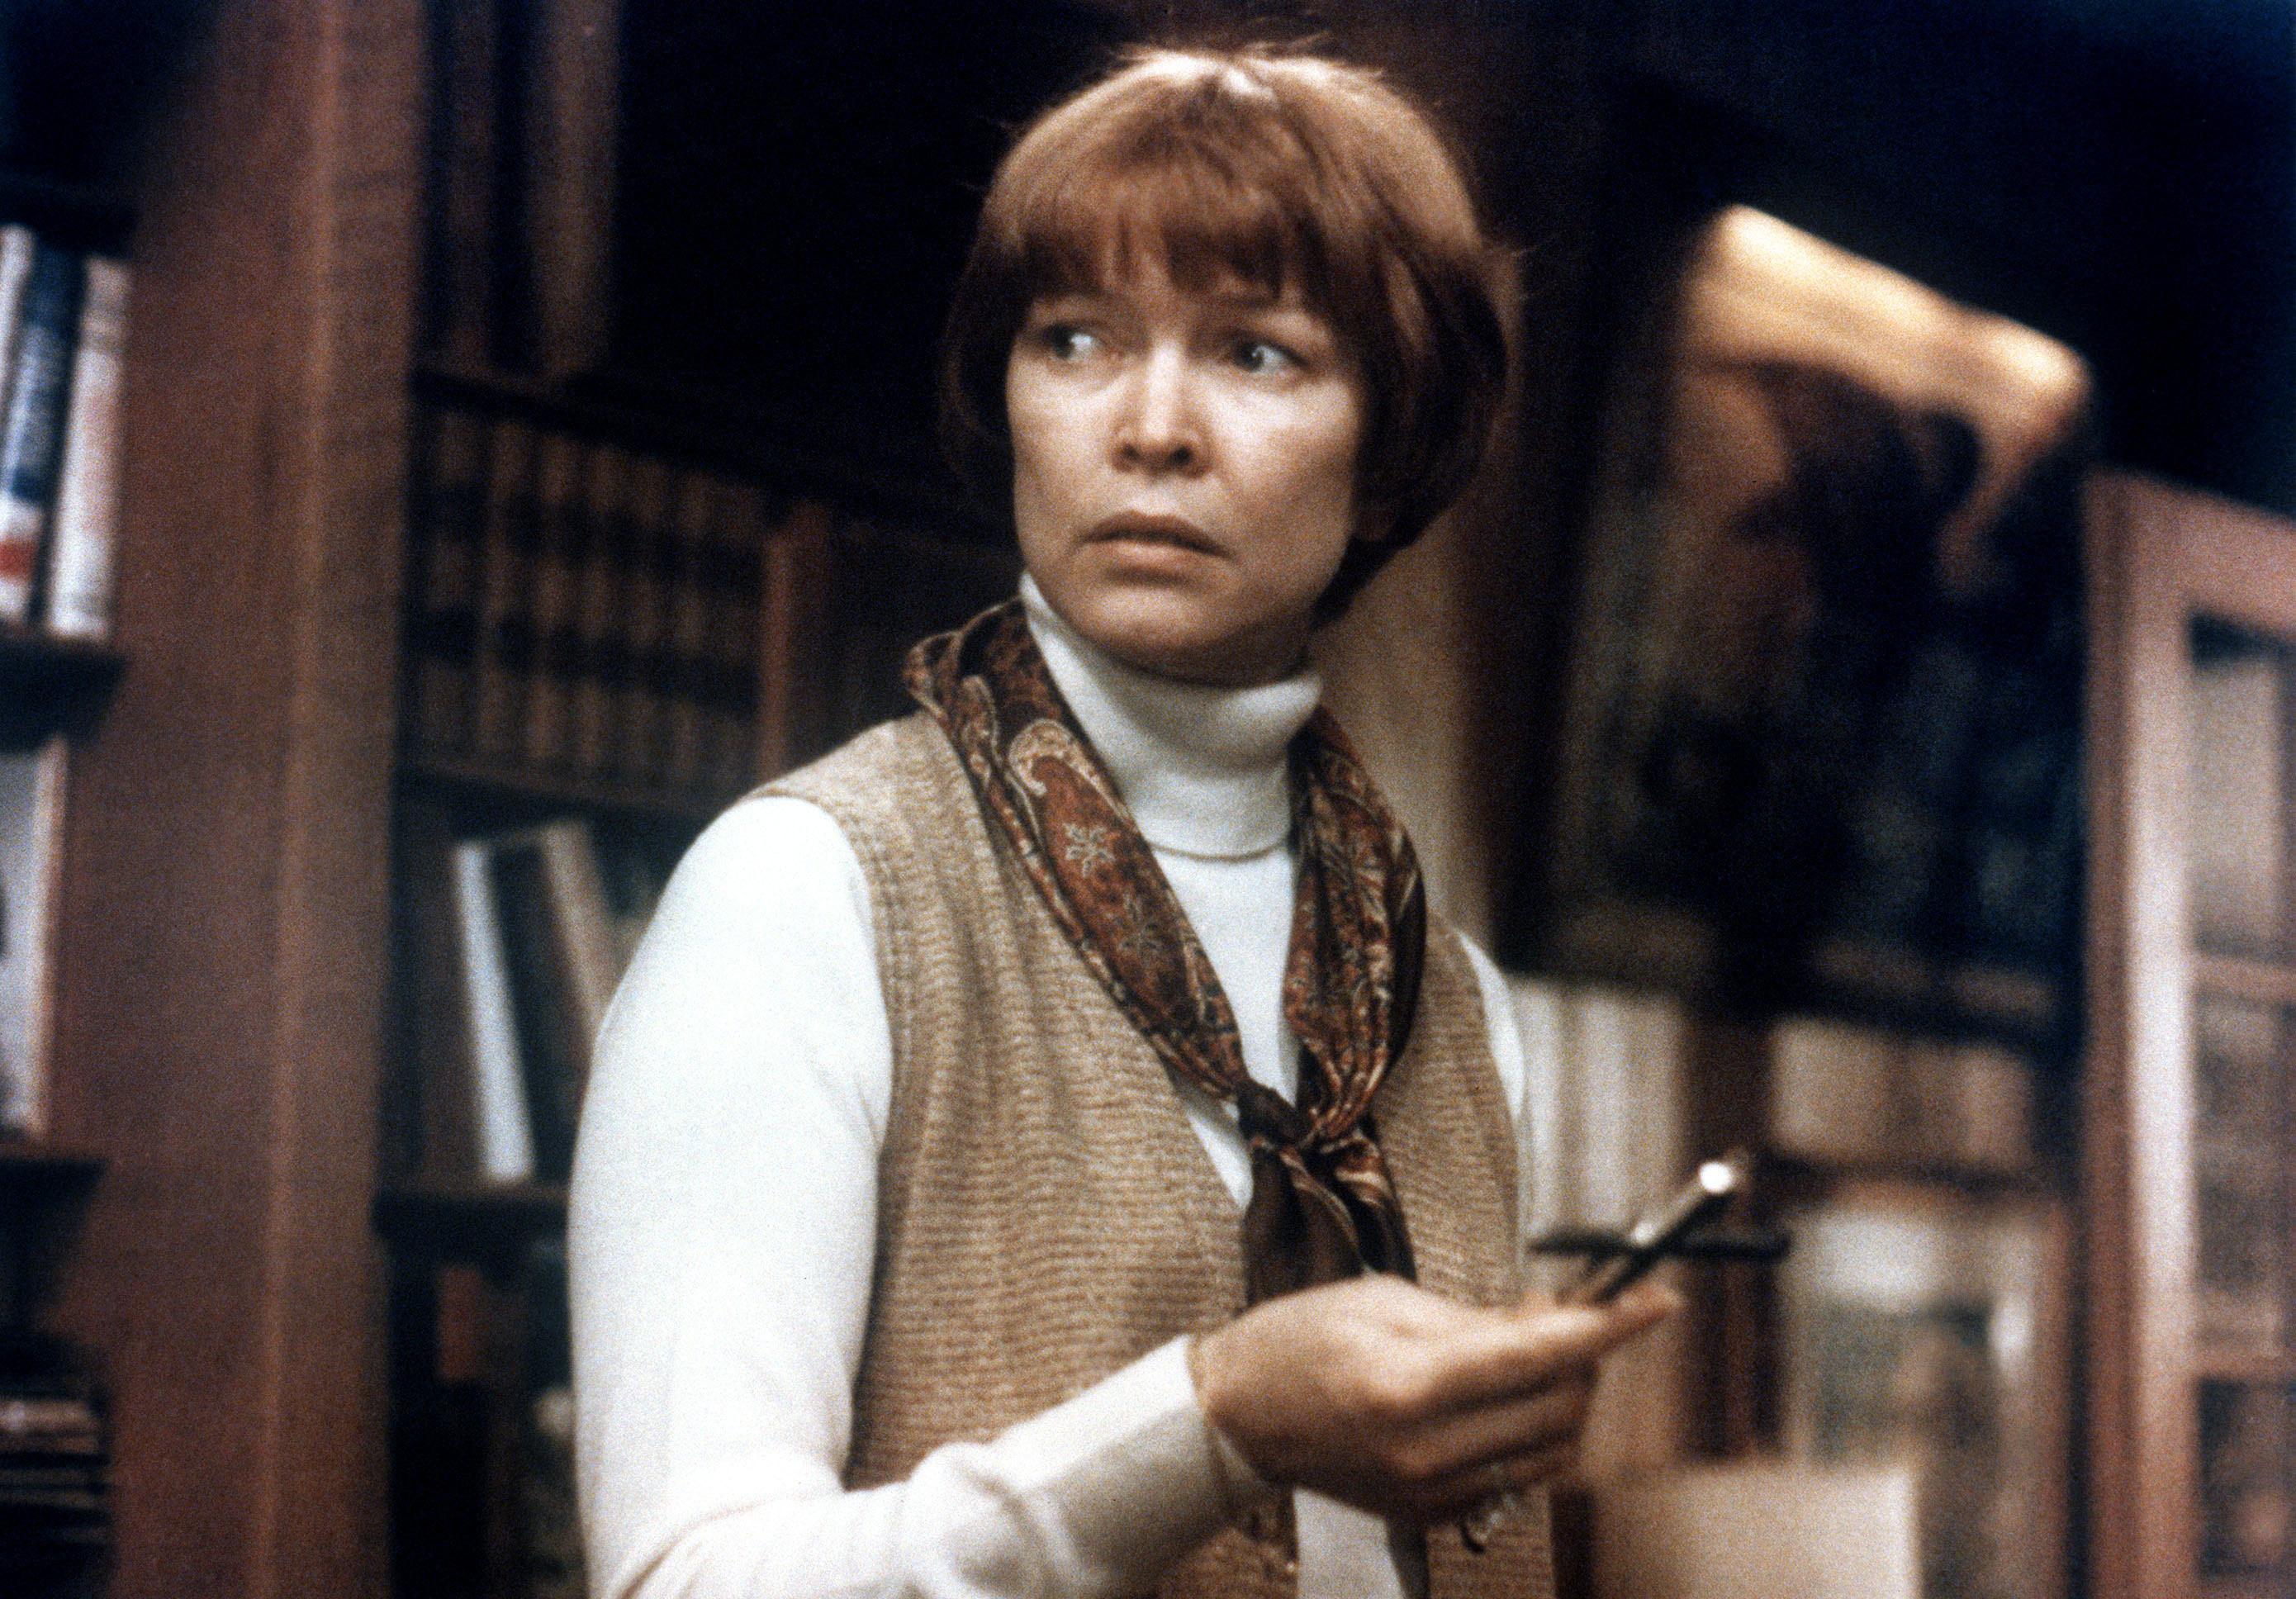 Ellen in the film